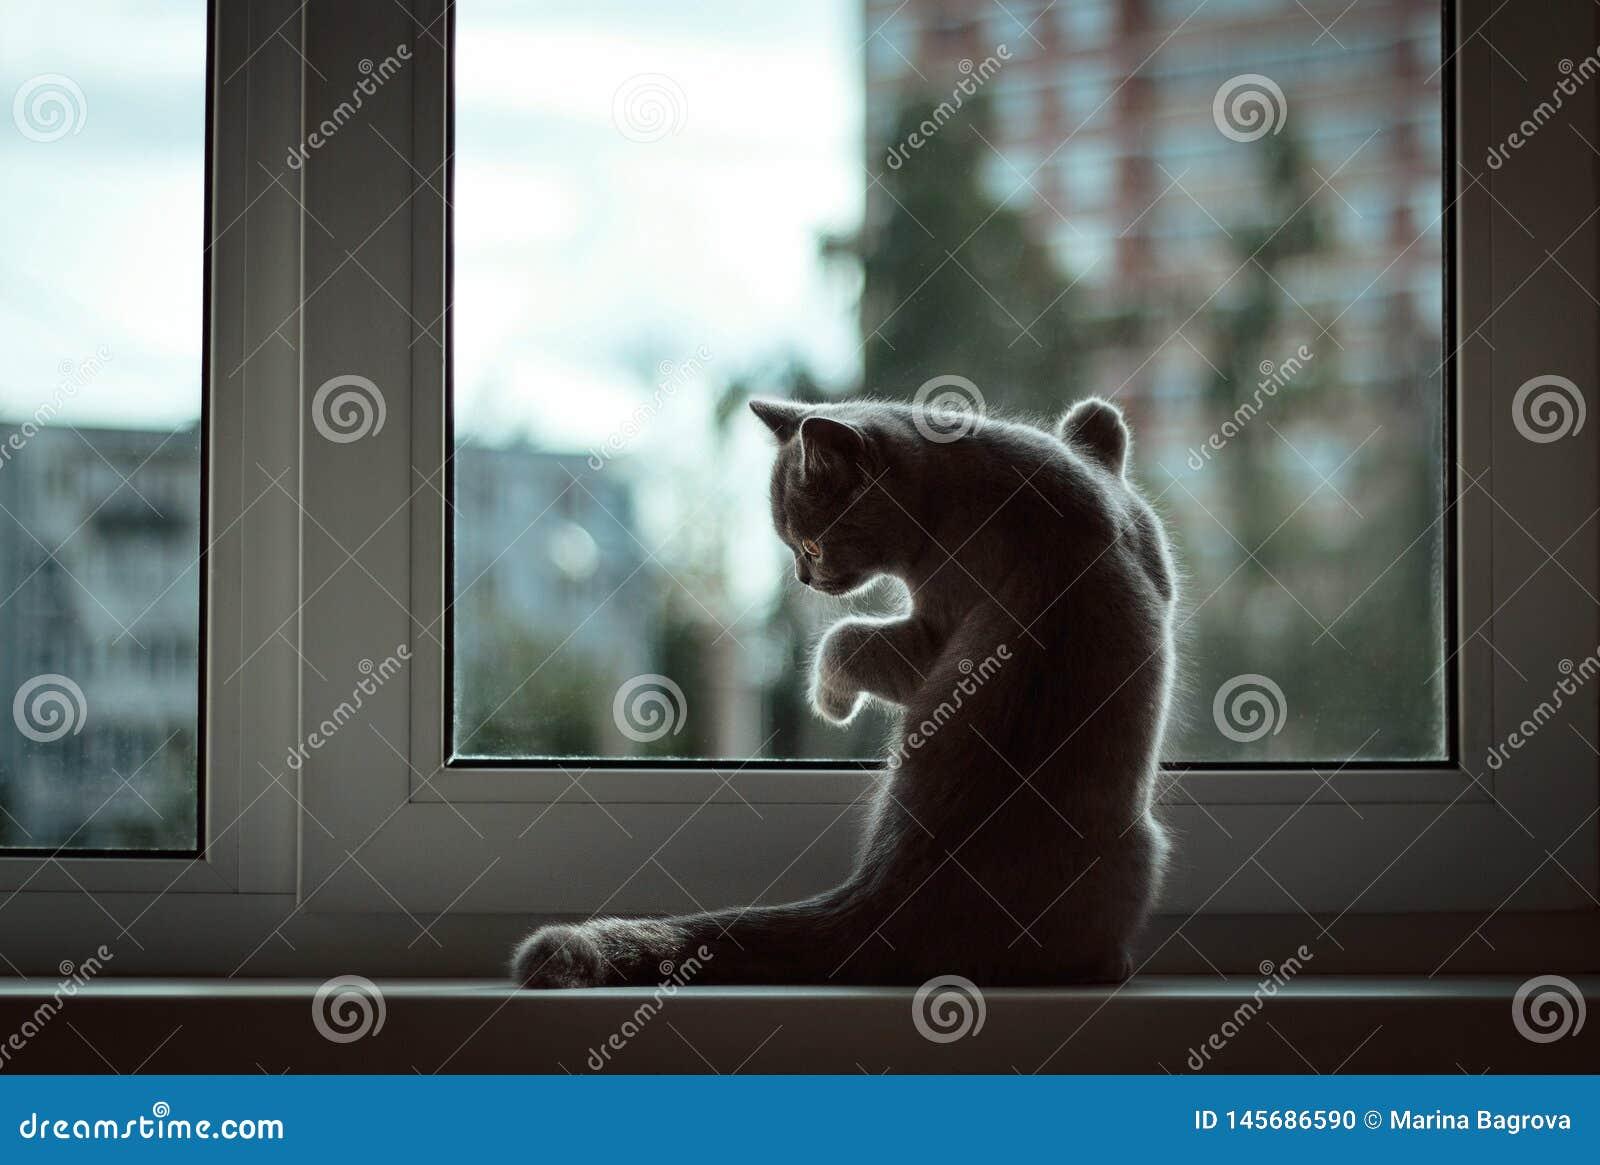 Mały Brytyjski figlarki obsiadanie przy okno na tle wieczór miasto Frontowi noga odpoczynki przeciw szkłu